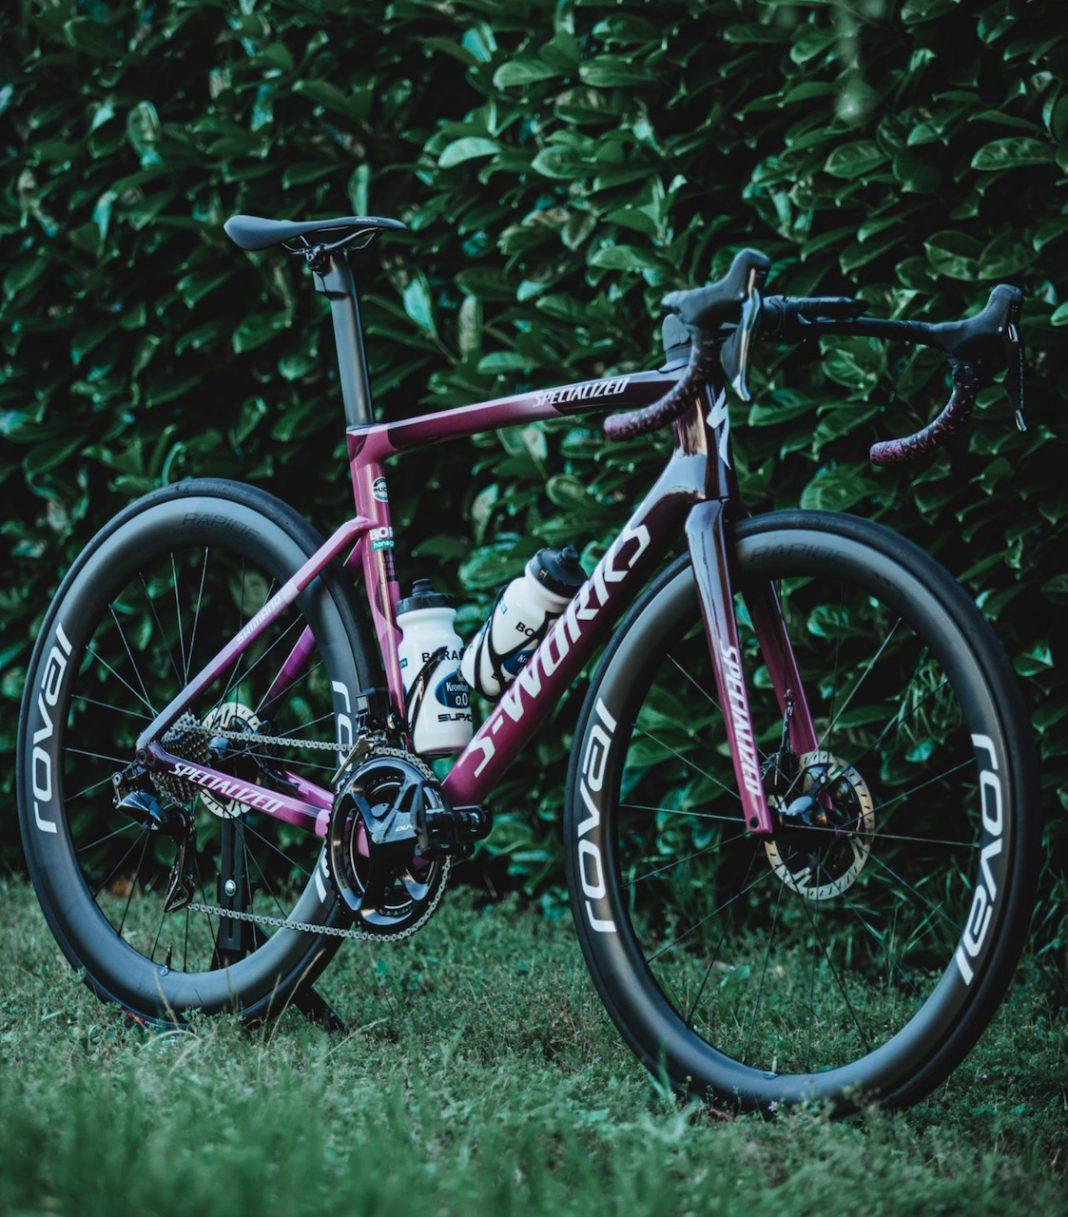 Peter Sagan Tarmac SL 7 Giro front view